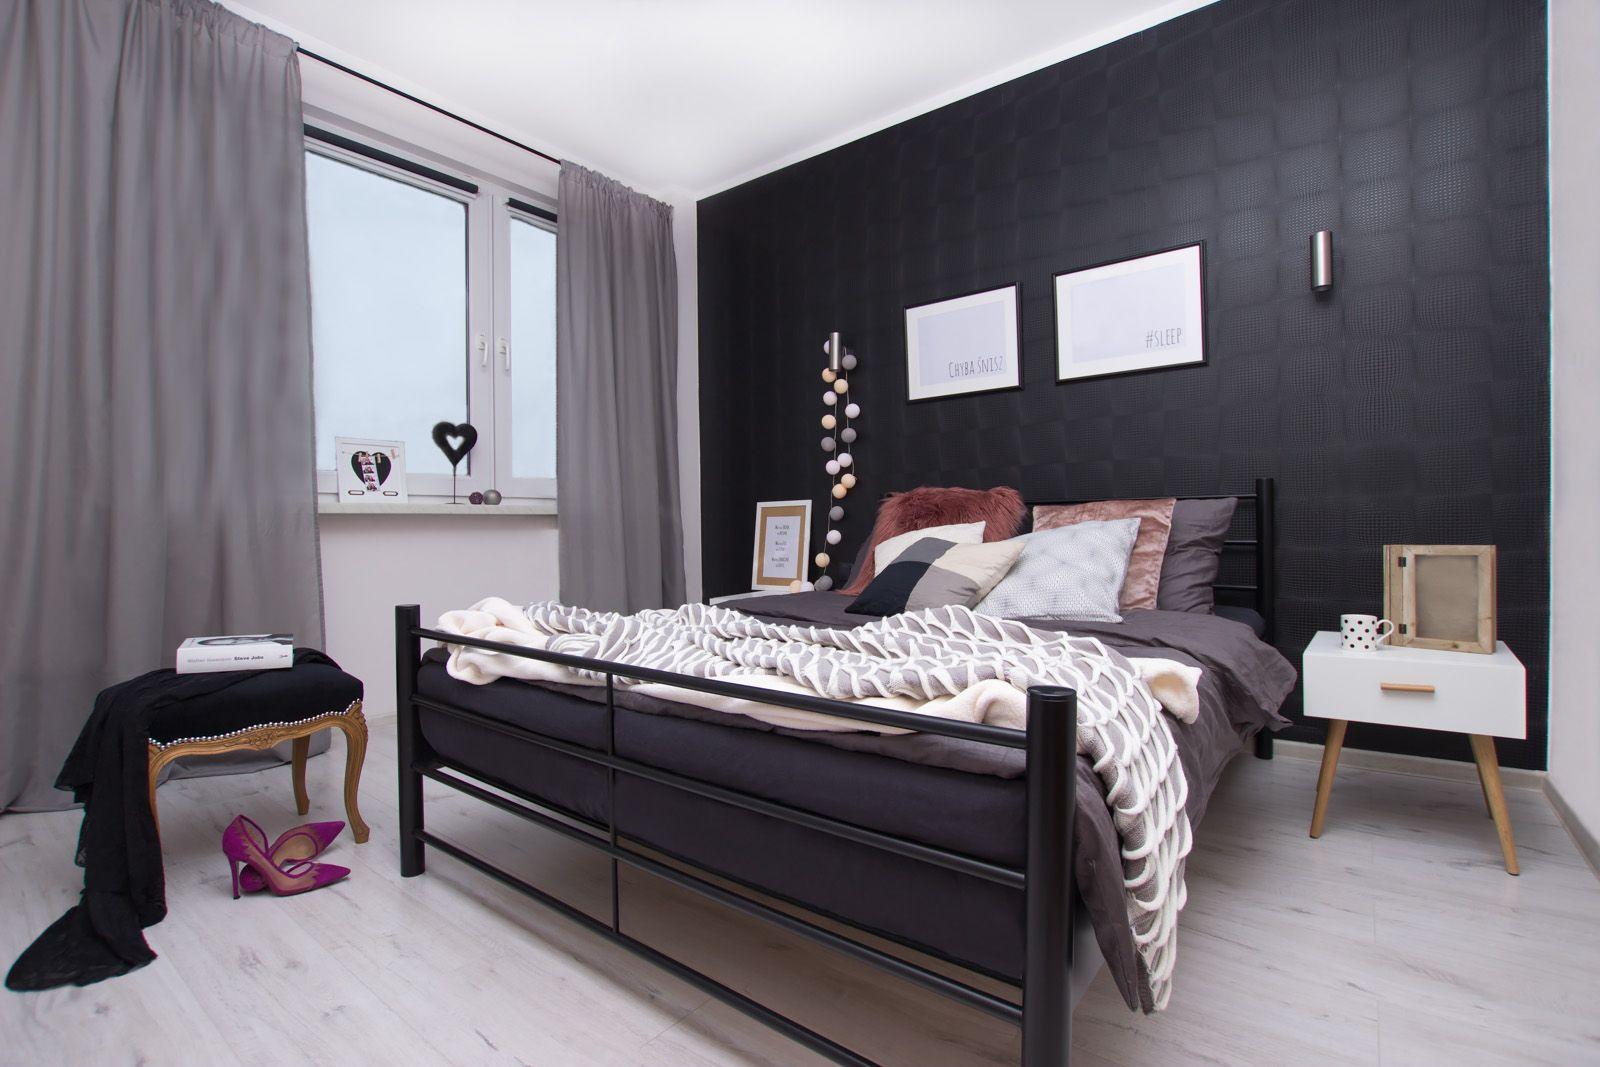 Home Staging By Dekorialove Dekoracja Wnętrz Metamorfoza